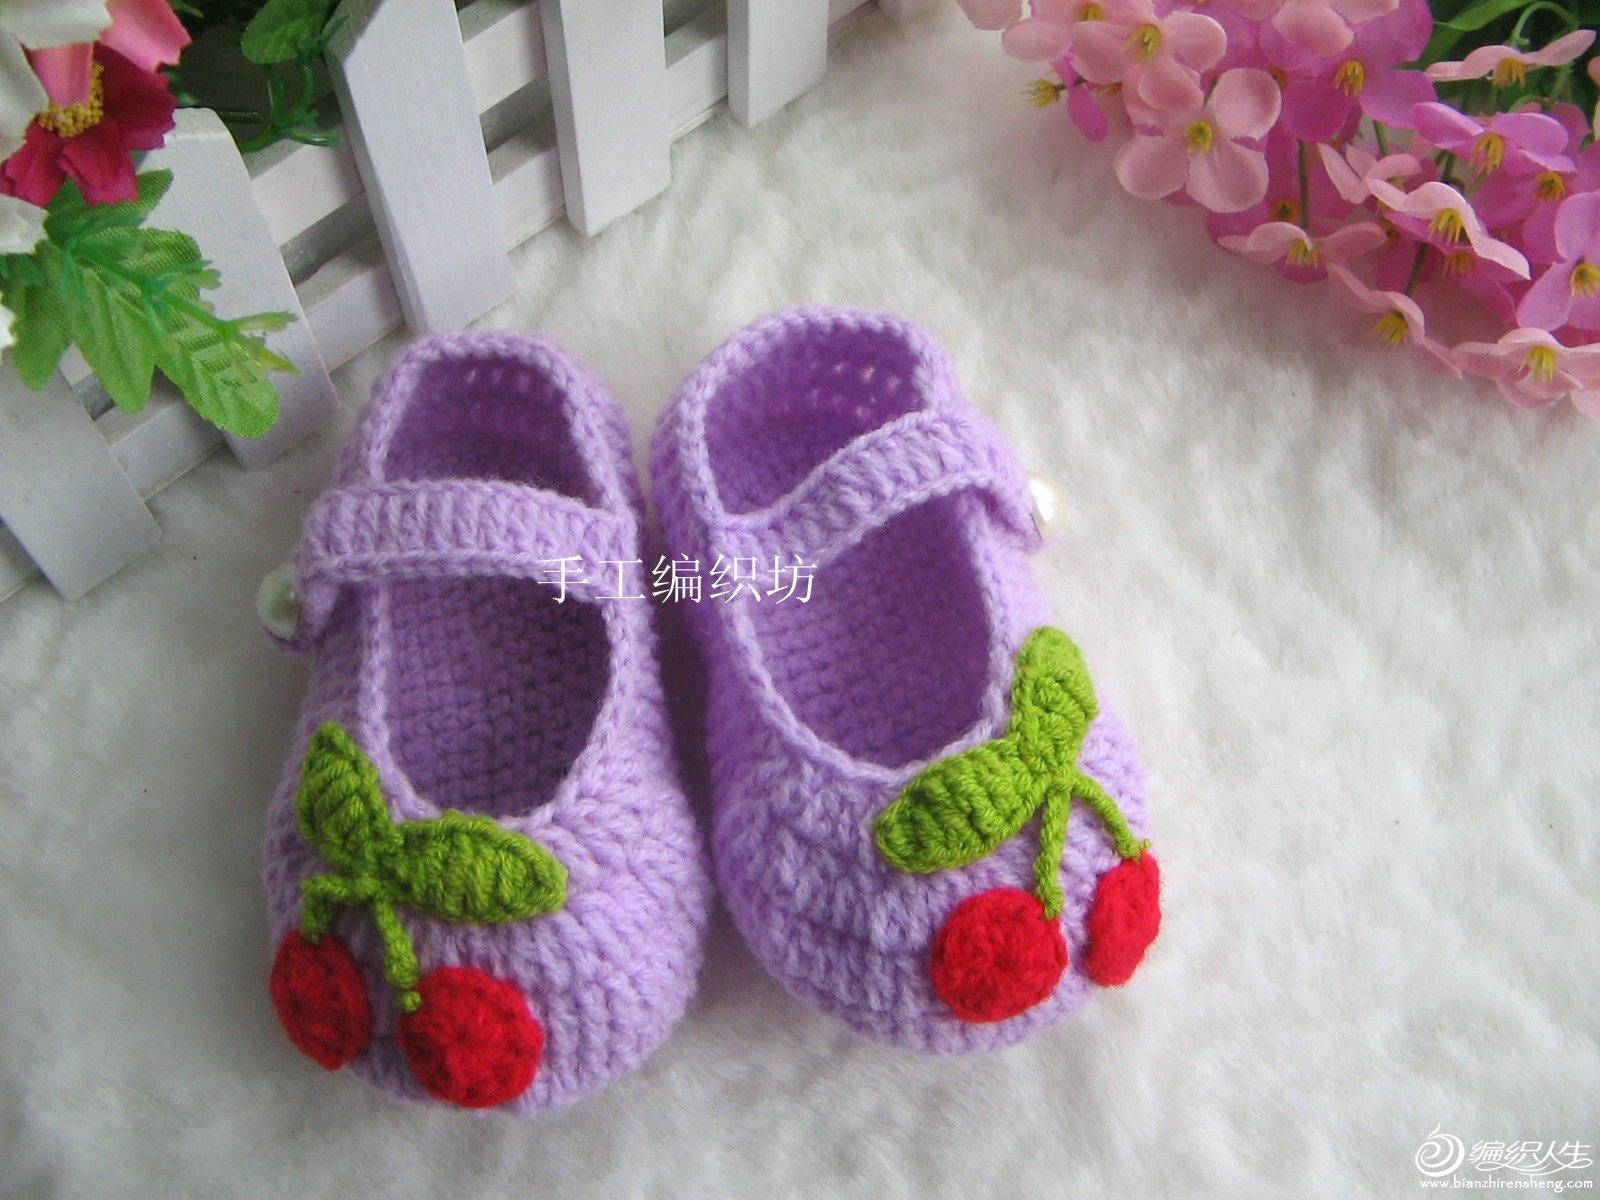 紫色鞋子.jpg